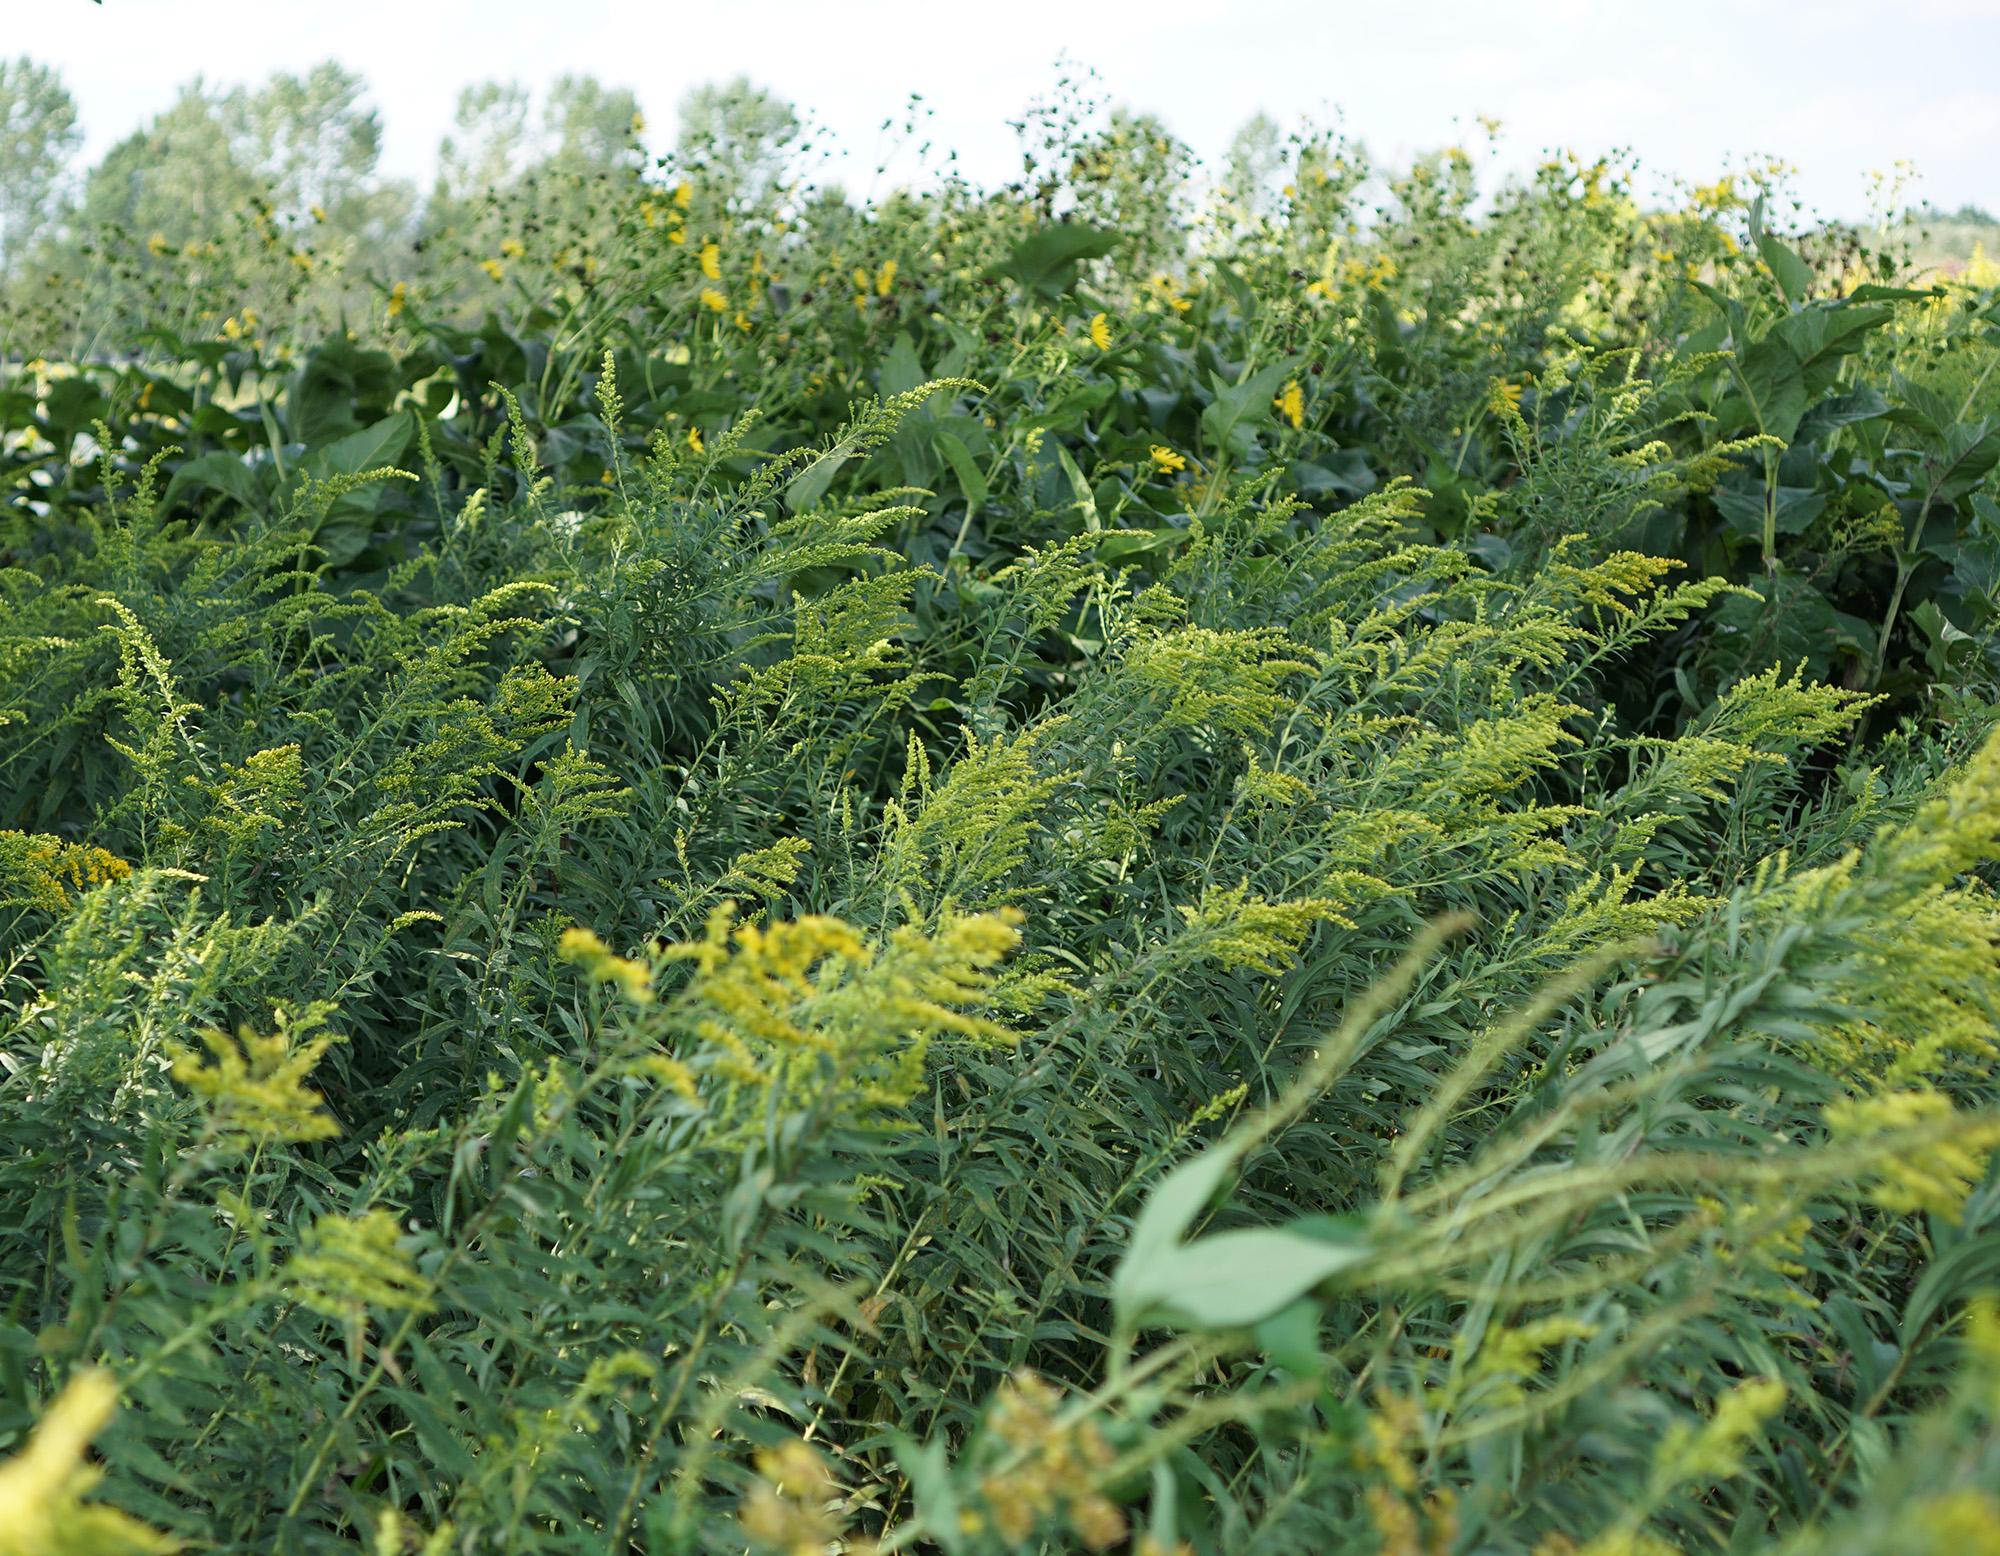 Tallgrass prairie, Chicago Botanic Garden / Darker than Green